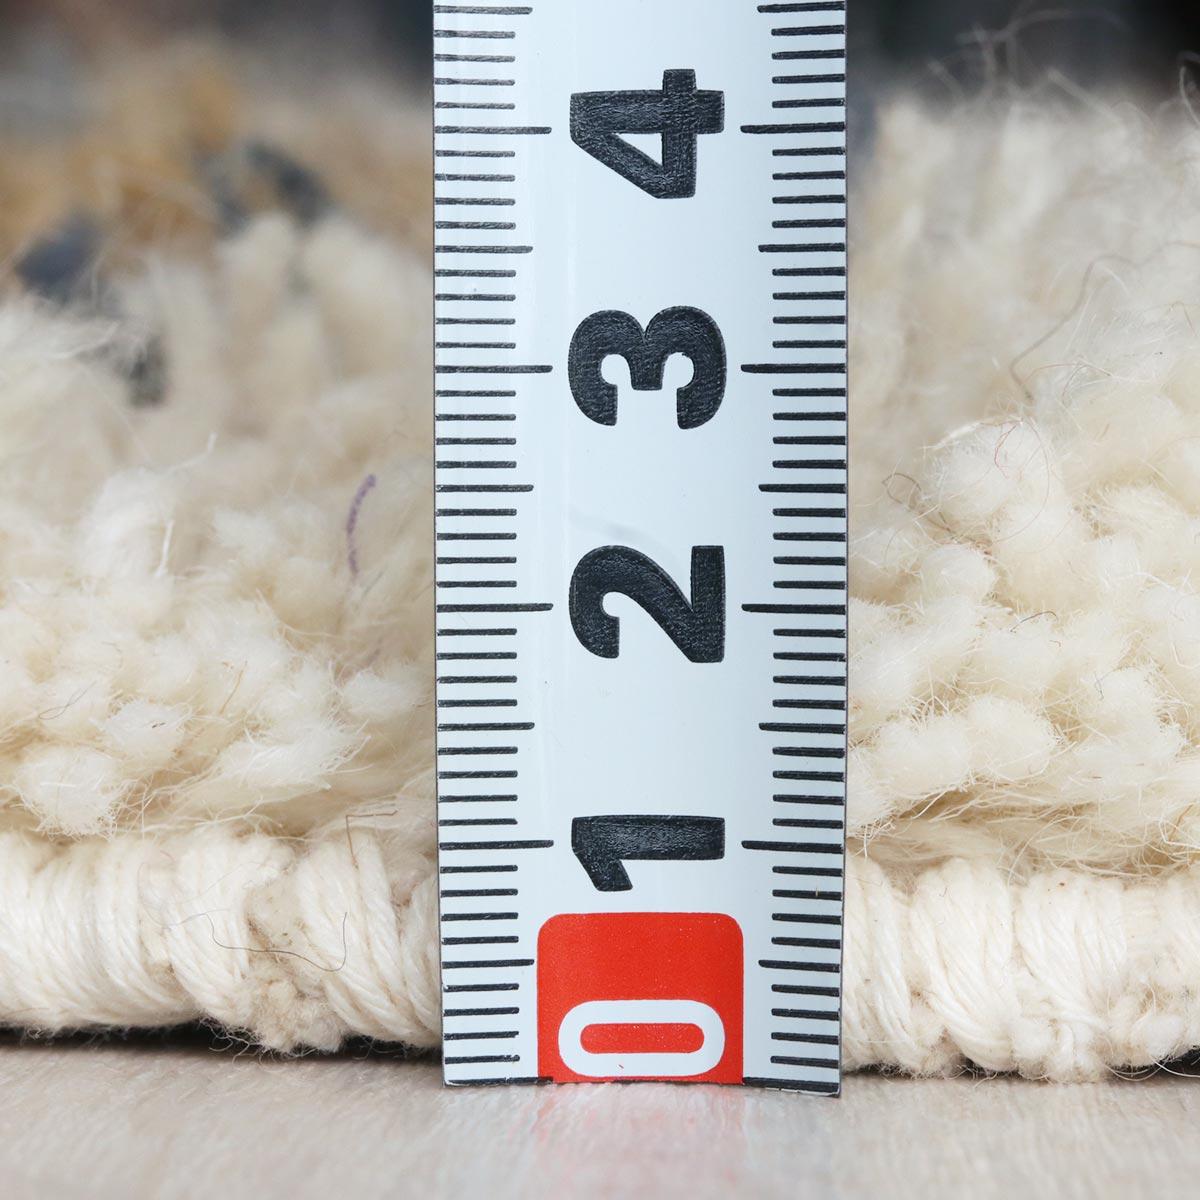 毛足が長く、贅沢な質感。程よい厚みで季節を問わずお使いいただけます。